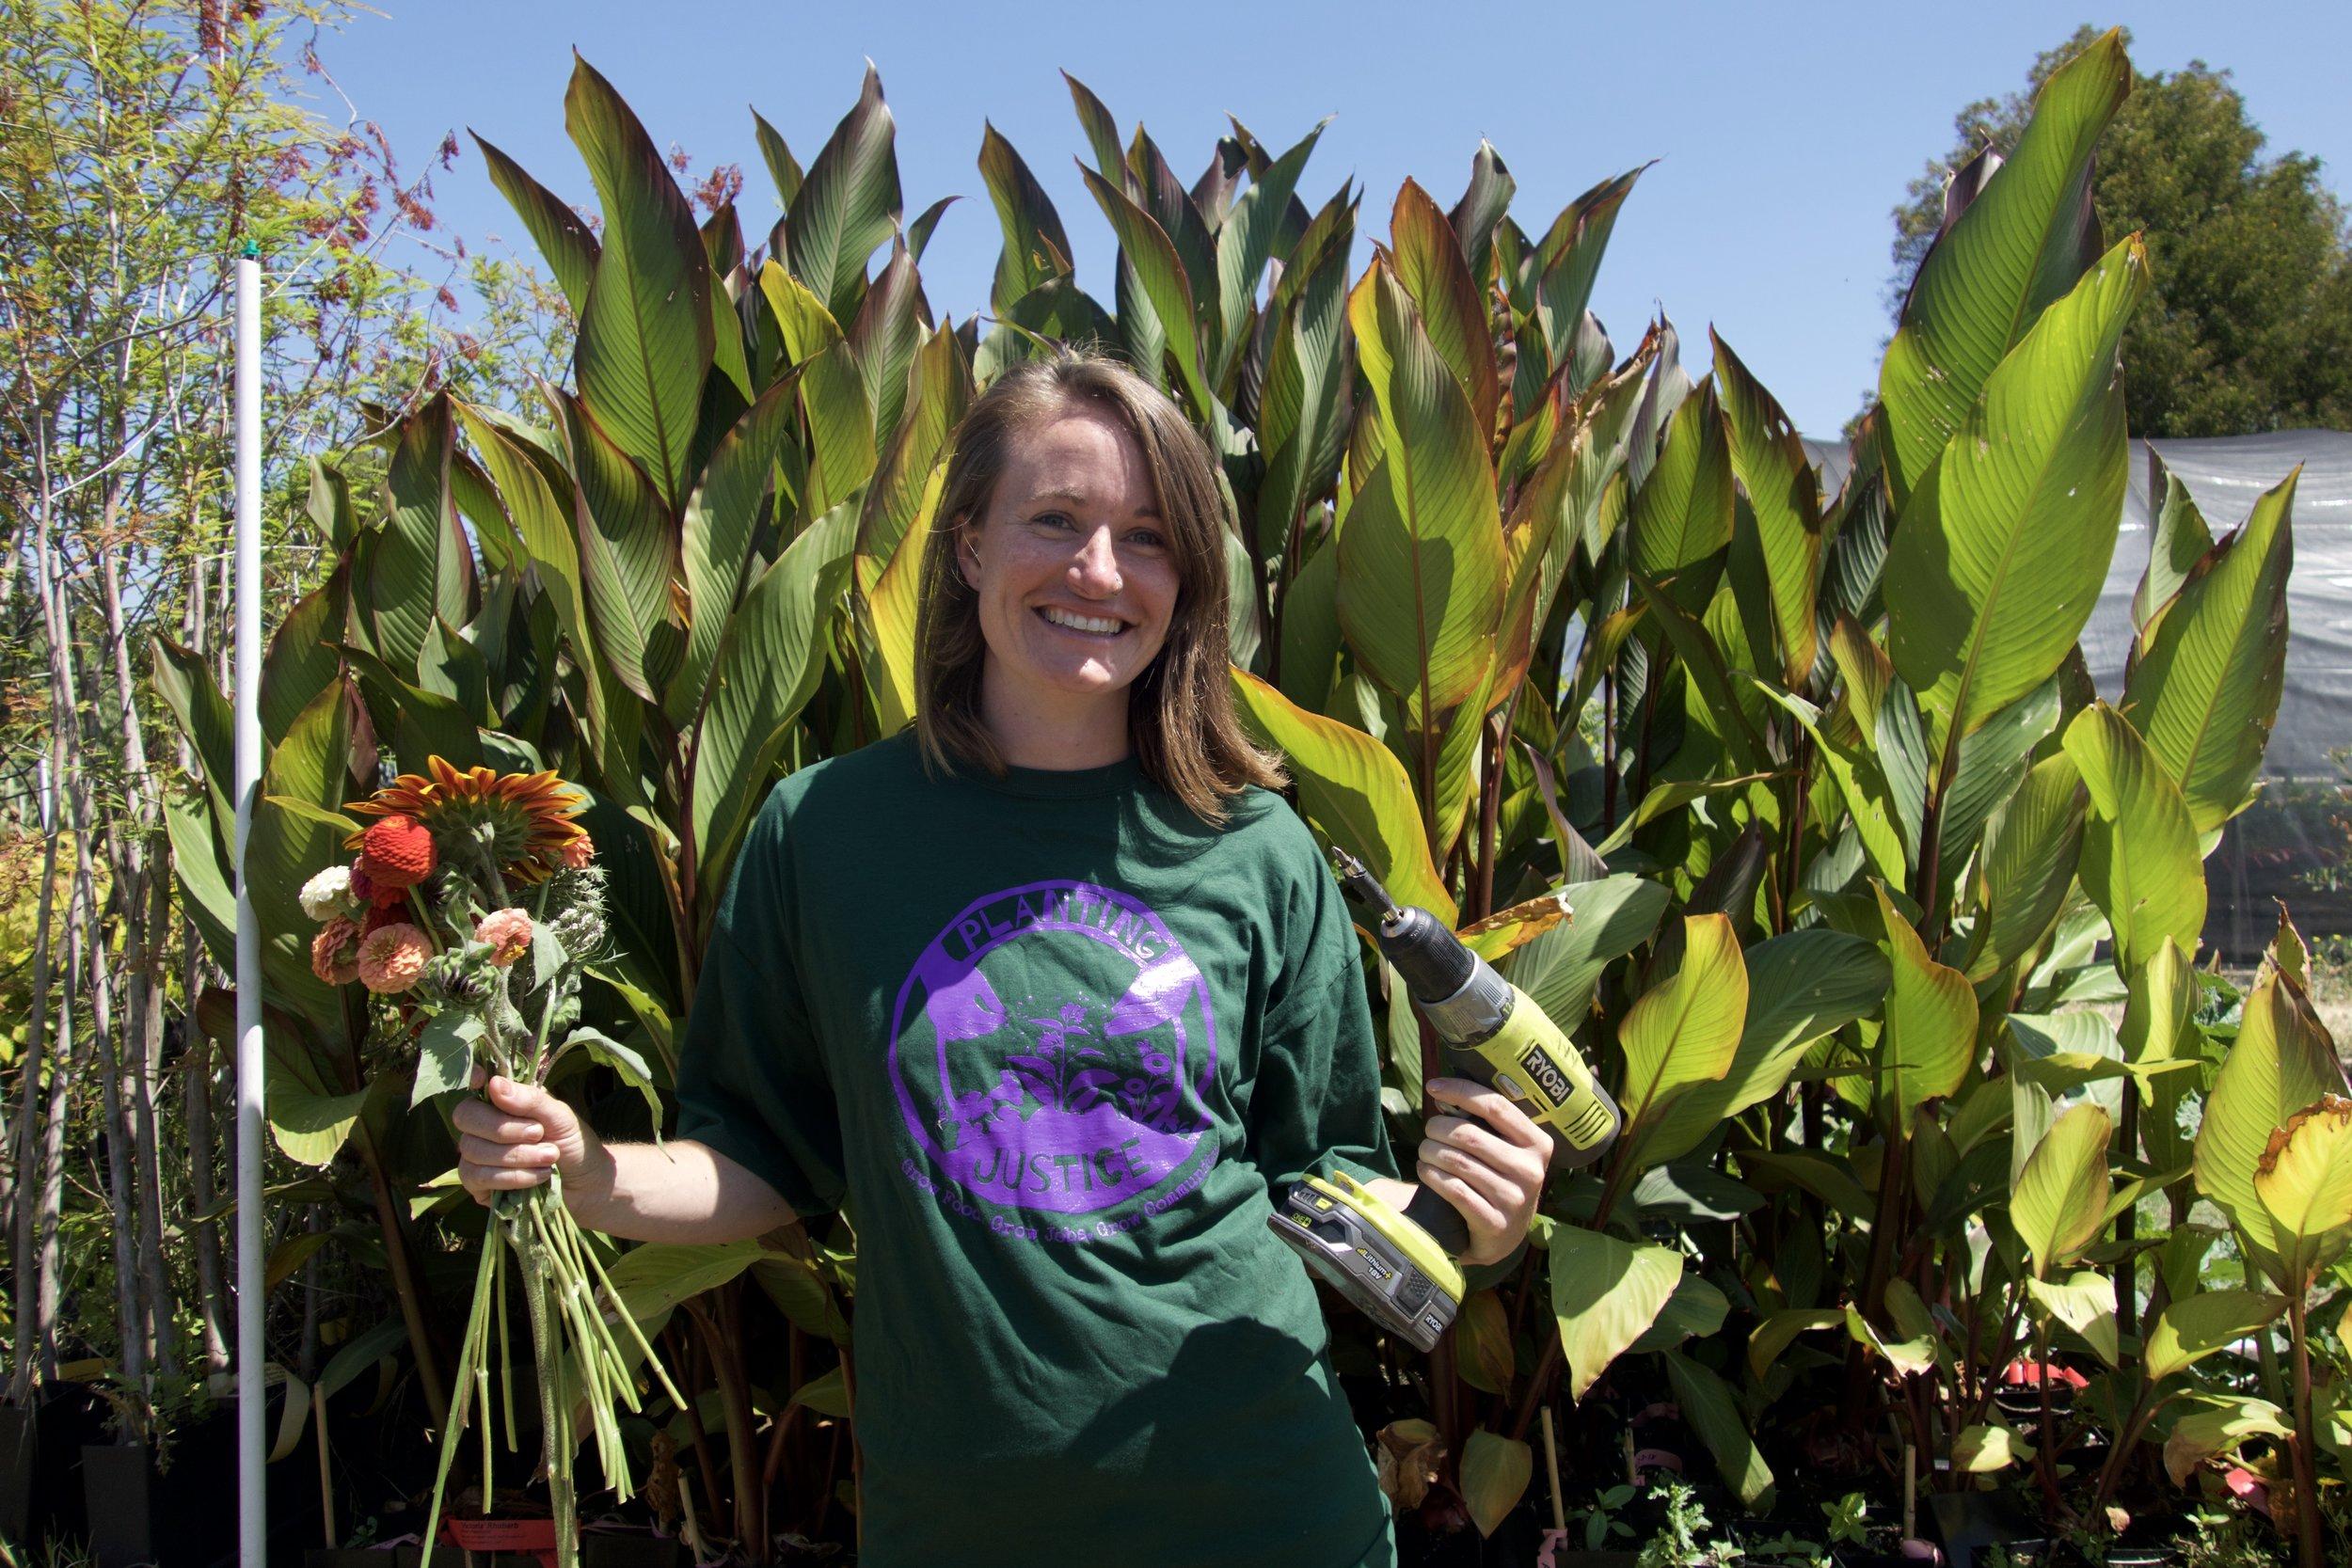 Planting Justice Board of Directors, Nicole